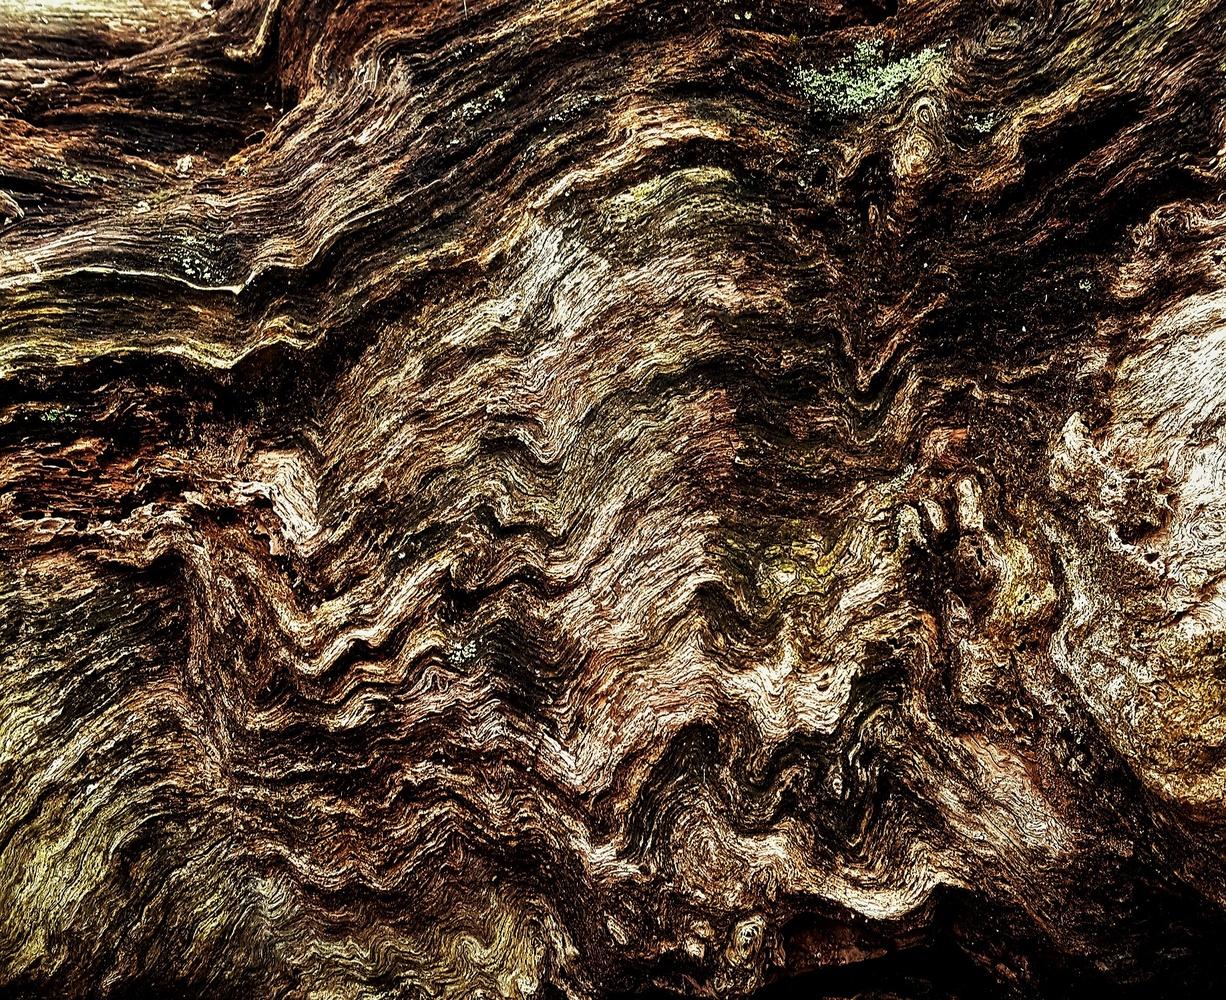 Wood Waves #3 by Michael Warner